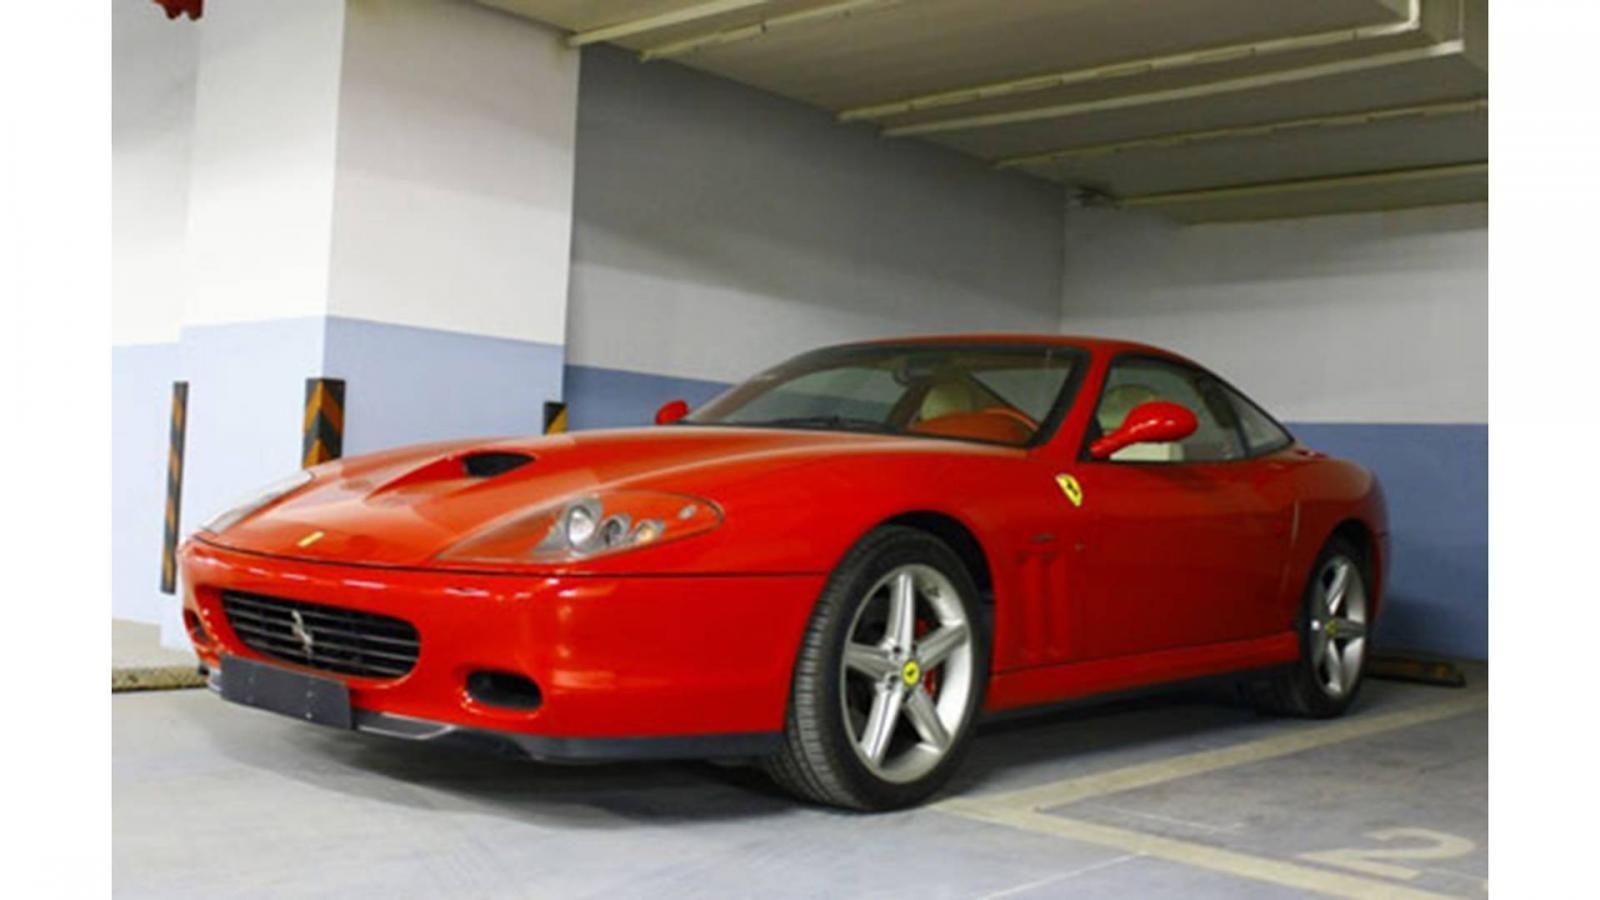 Ferrari 575 màu đỏ là 1 trong những ngựa chồm có mặt trong garage của Lâm Chí Dĩnh